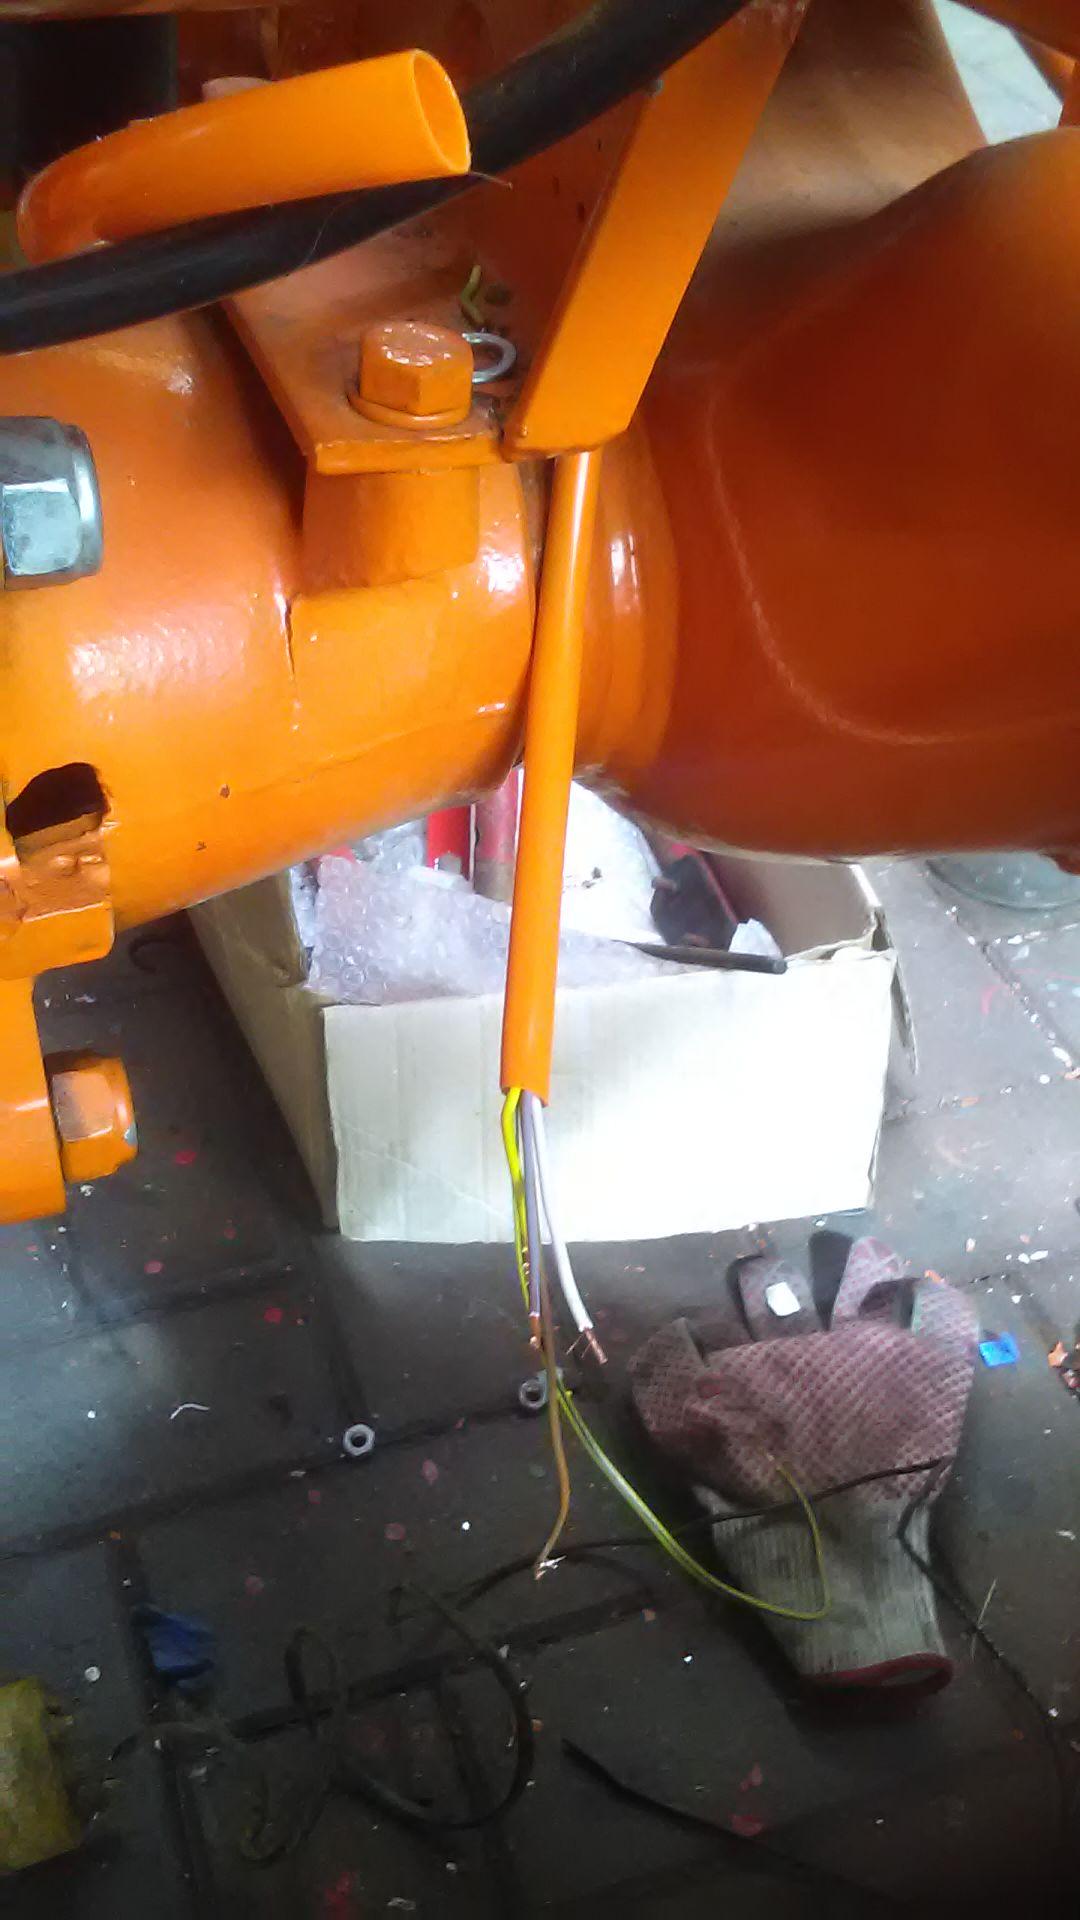 Die ersten orangefarbigen Schutzschläuche verarbeitet.